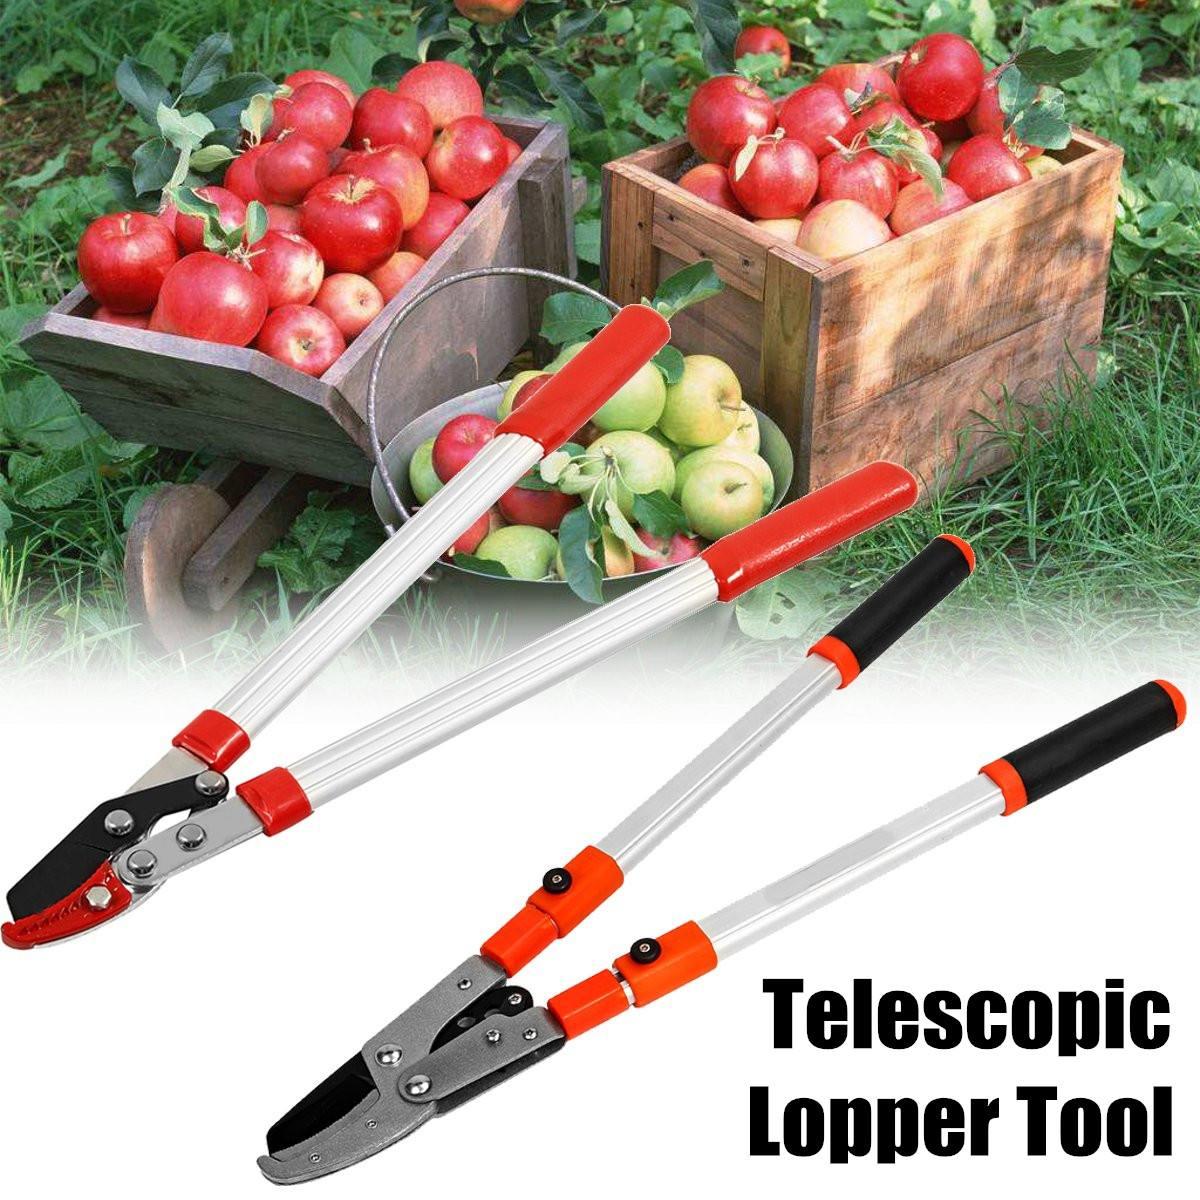 Telescopic Tree Ratchet Lopper Pruner Extending Garden Cutter Branch Shear Tools